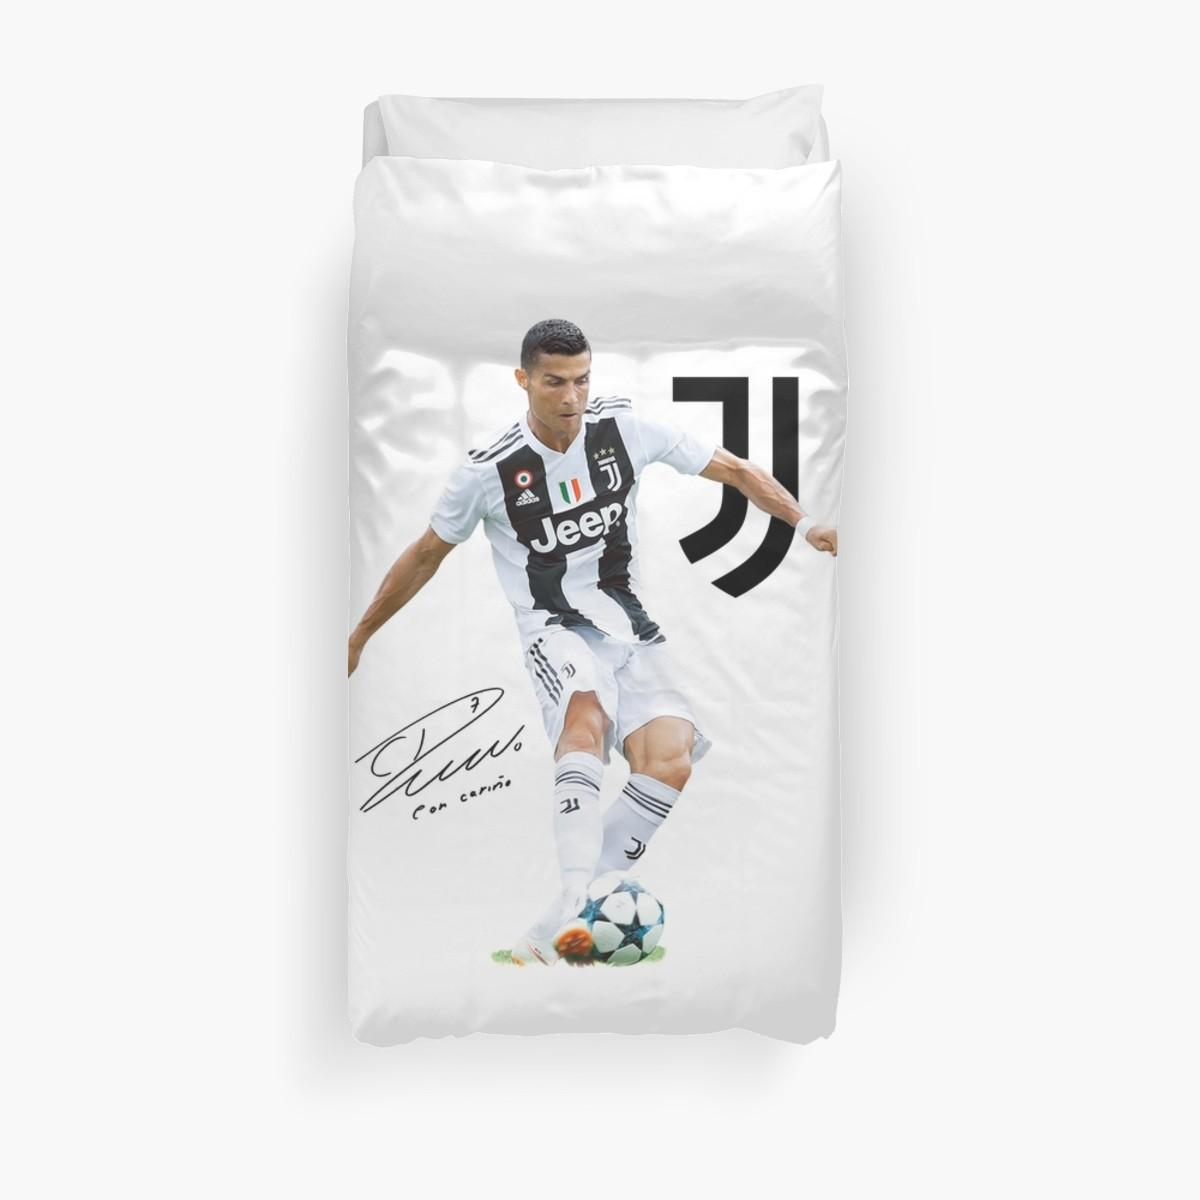 Ronaldo Juventus 2019 Cr7 Duvet Cover In 2019 Duvet